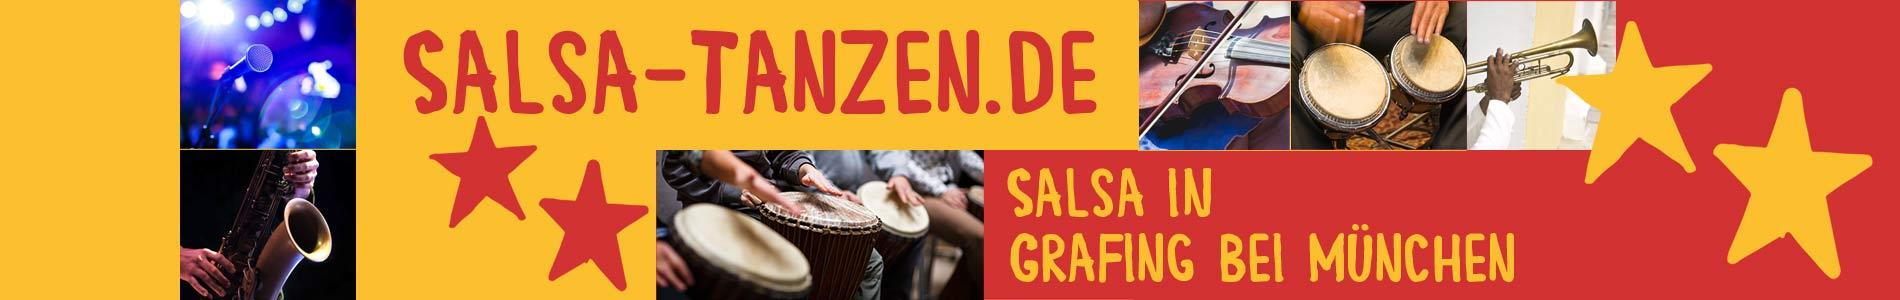 Salsa in Grafing bei München – Salsa lernen und tanzen, Tanzkurse, Partys, Veranstaltungen